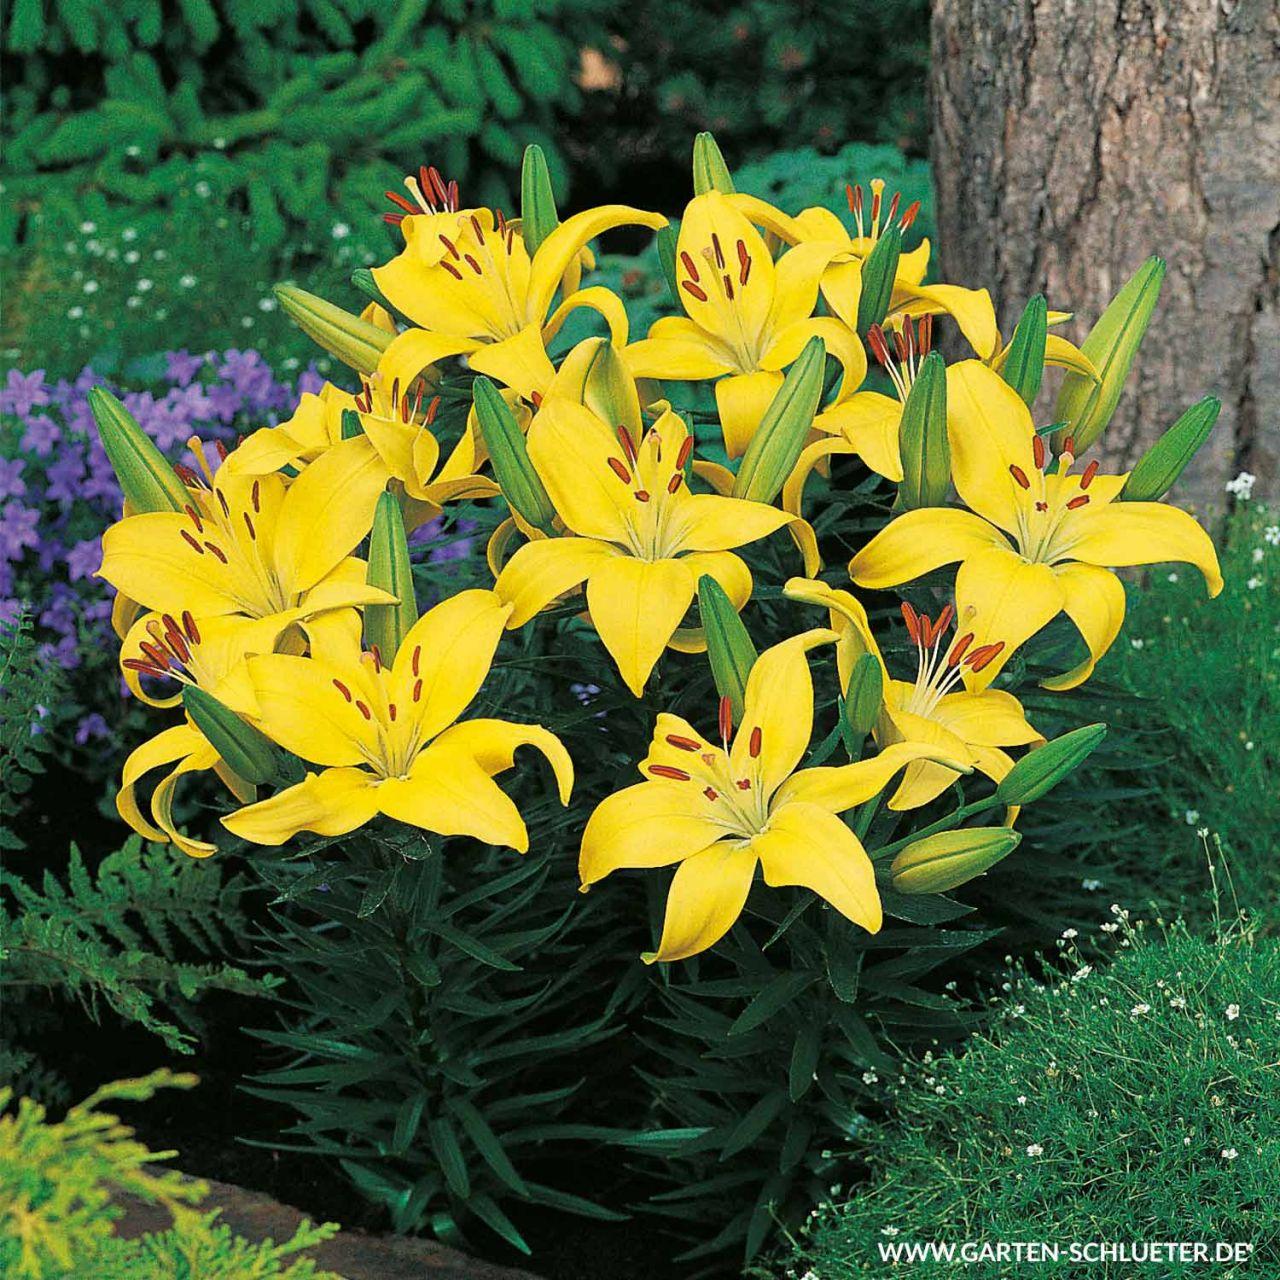 Asiatische Lilie 'Gelb' - 2 Stück